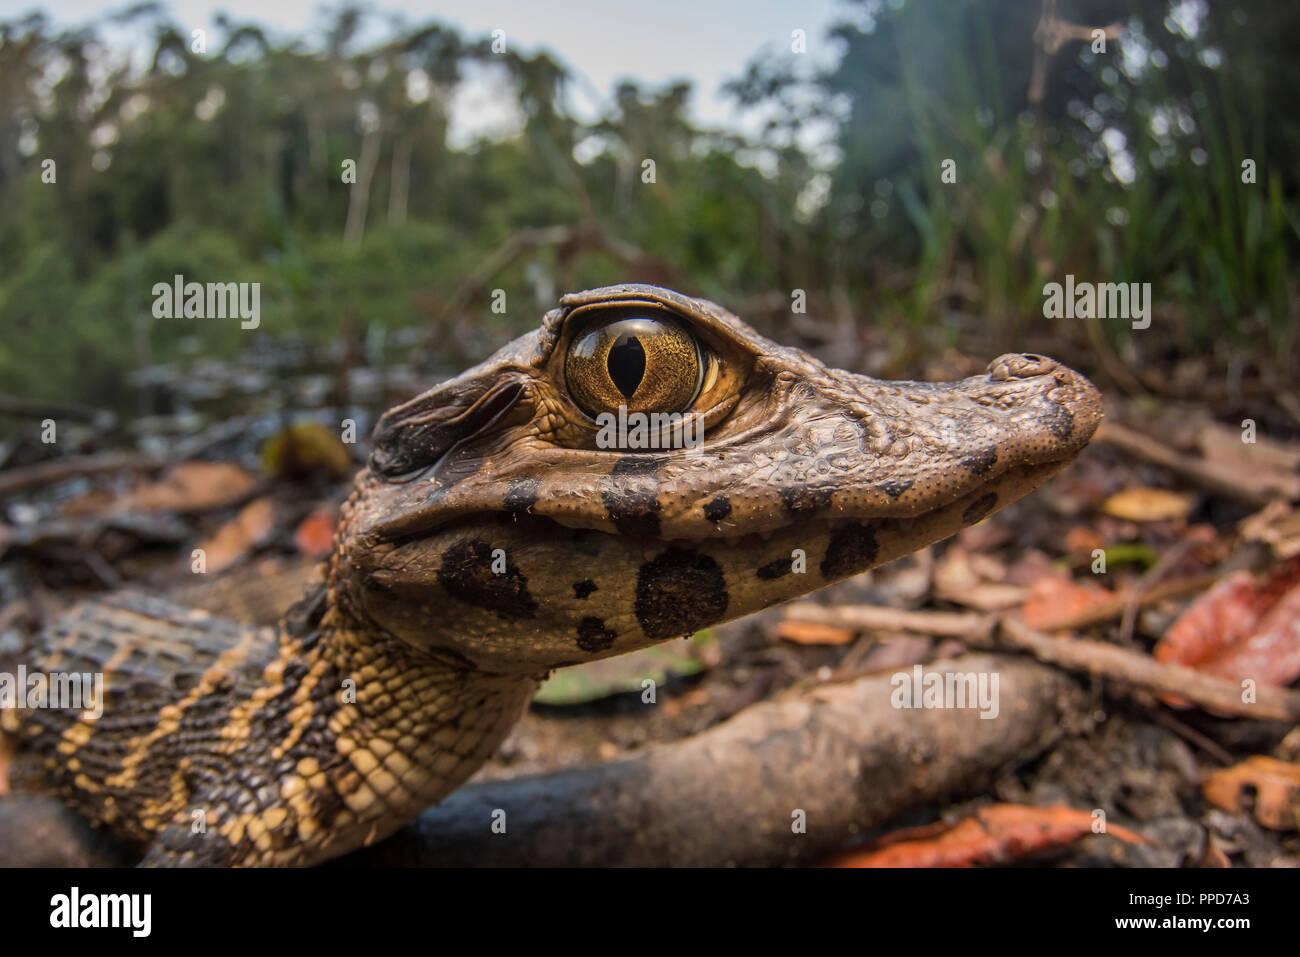 Un jeune caïman noir (Melanosuchus niger), lorsque celui-ci grandit, il sera un apex prédateur de l'Amazonie. Celui-ci est au soleil le long du lac. Banque D'Images